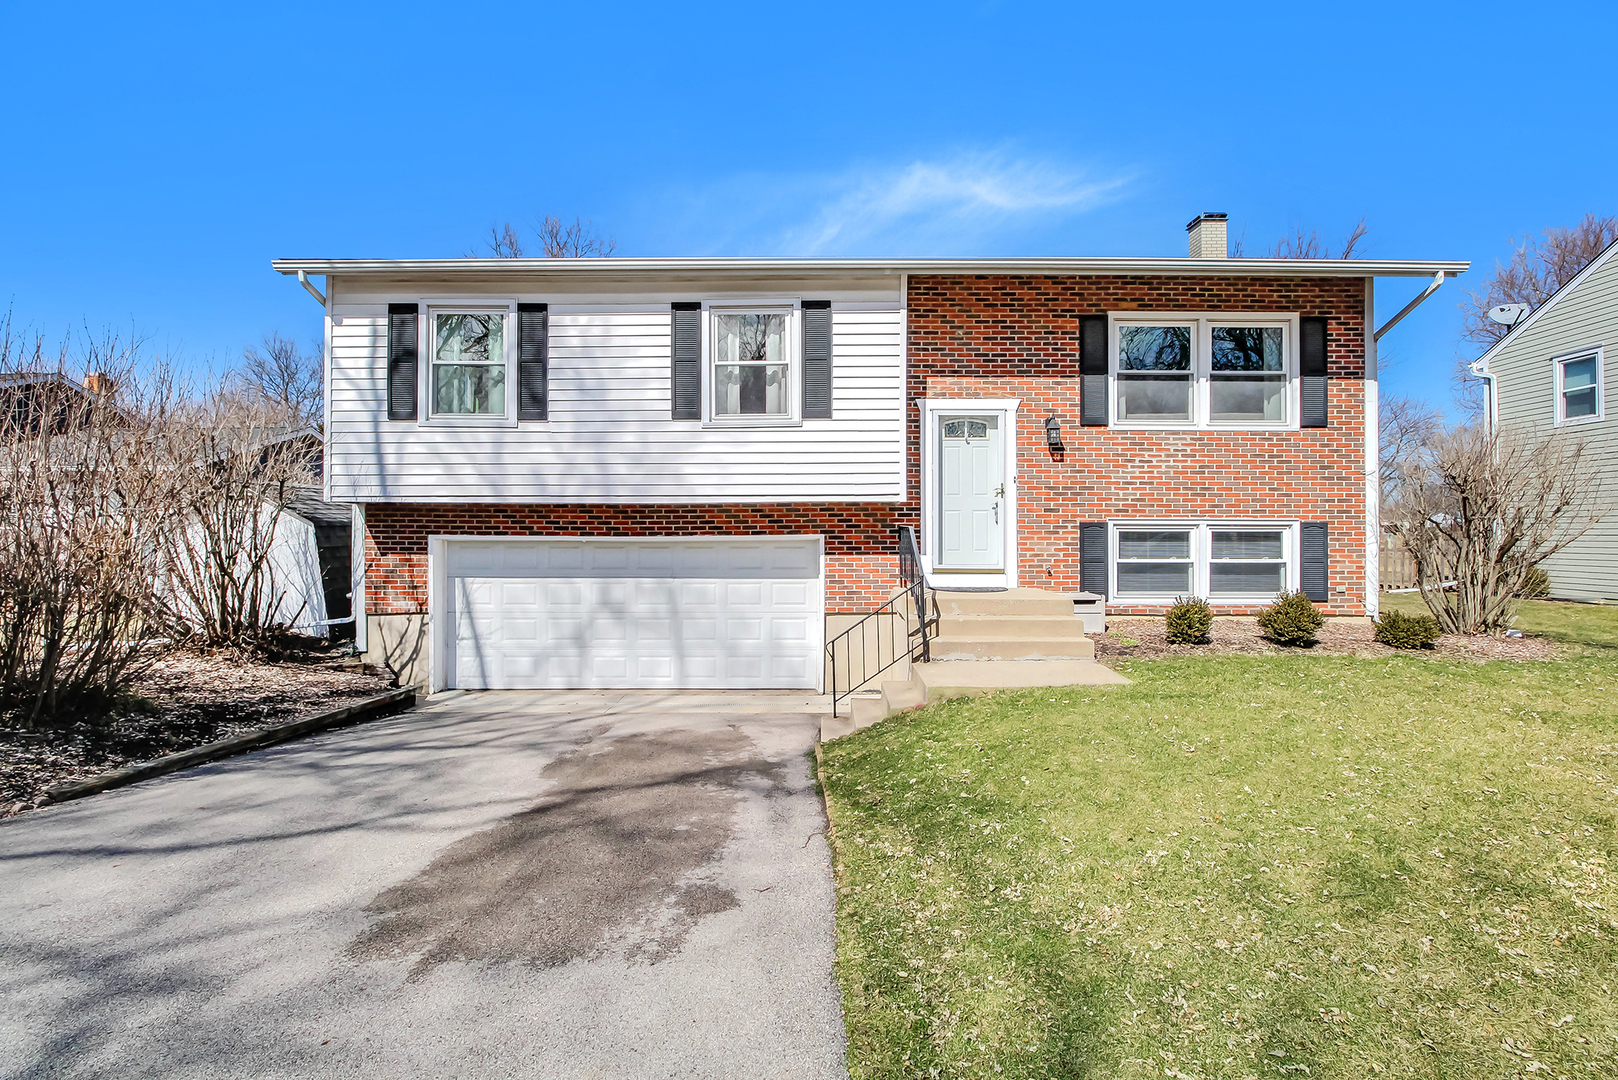 901 Casa Solana Drive, Wheaton, IL - USA (photo 1)